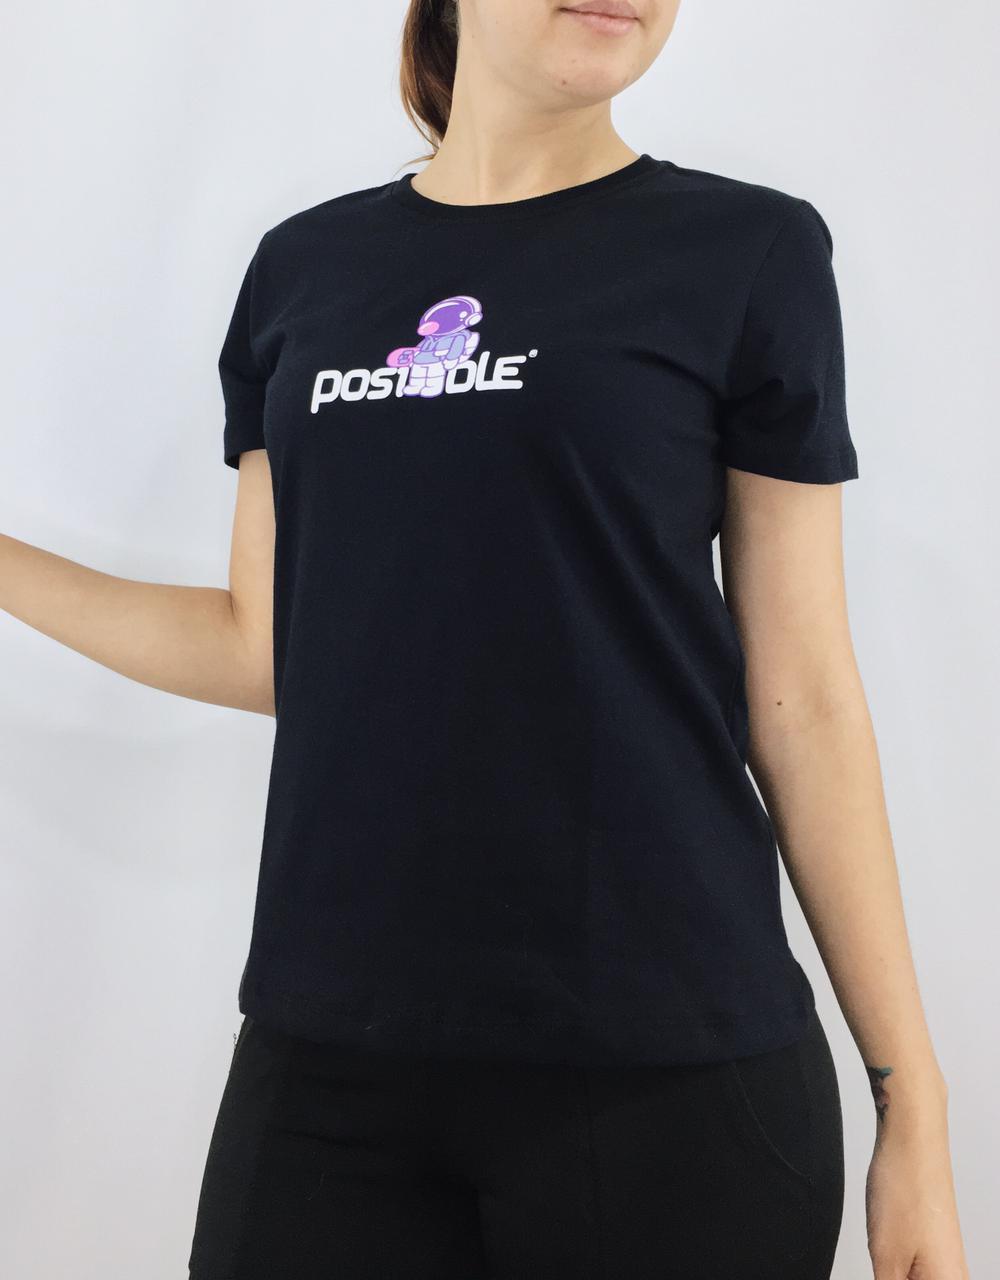 CAMISETA FEMININA POSIBLE ASTRONAUTA